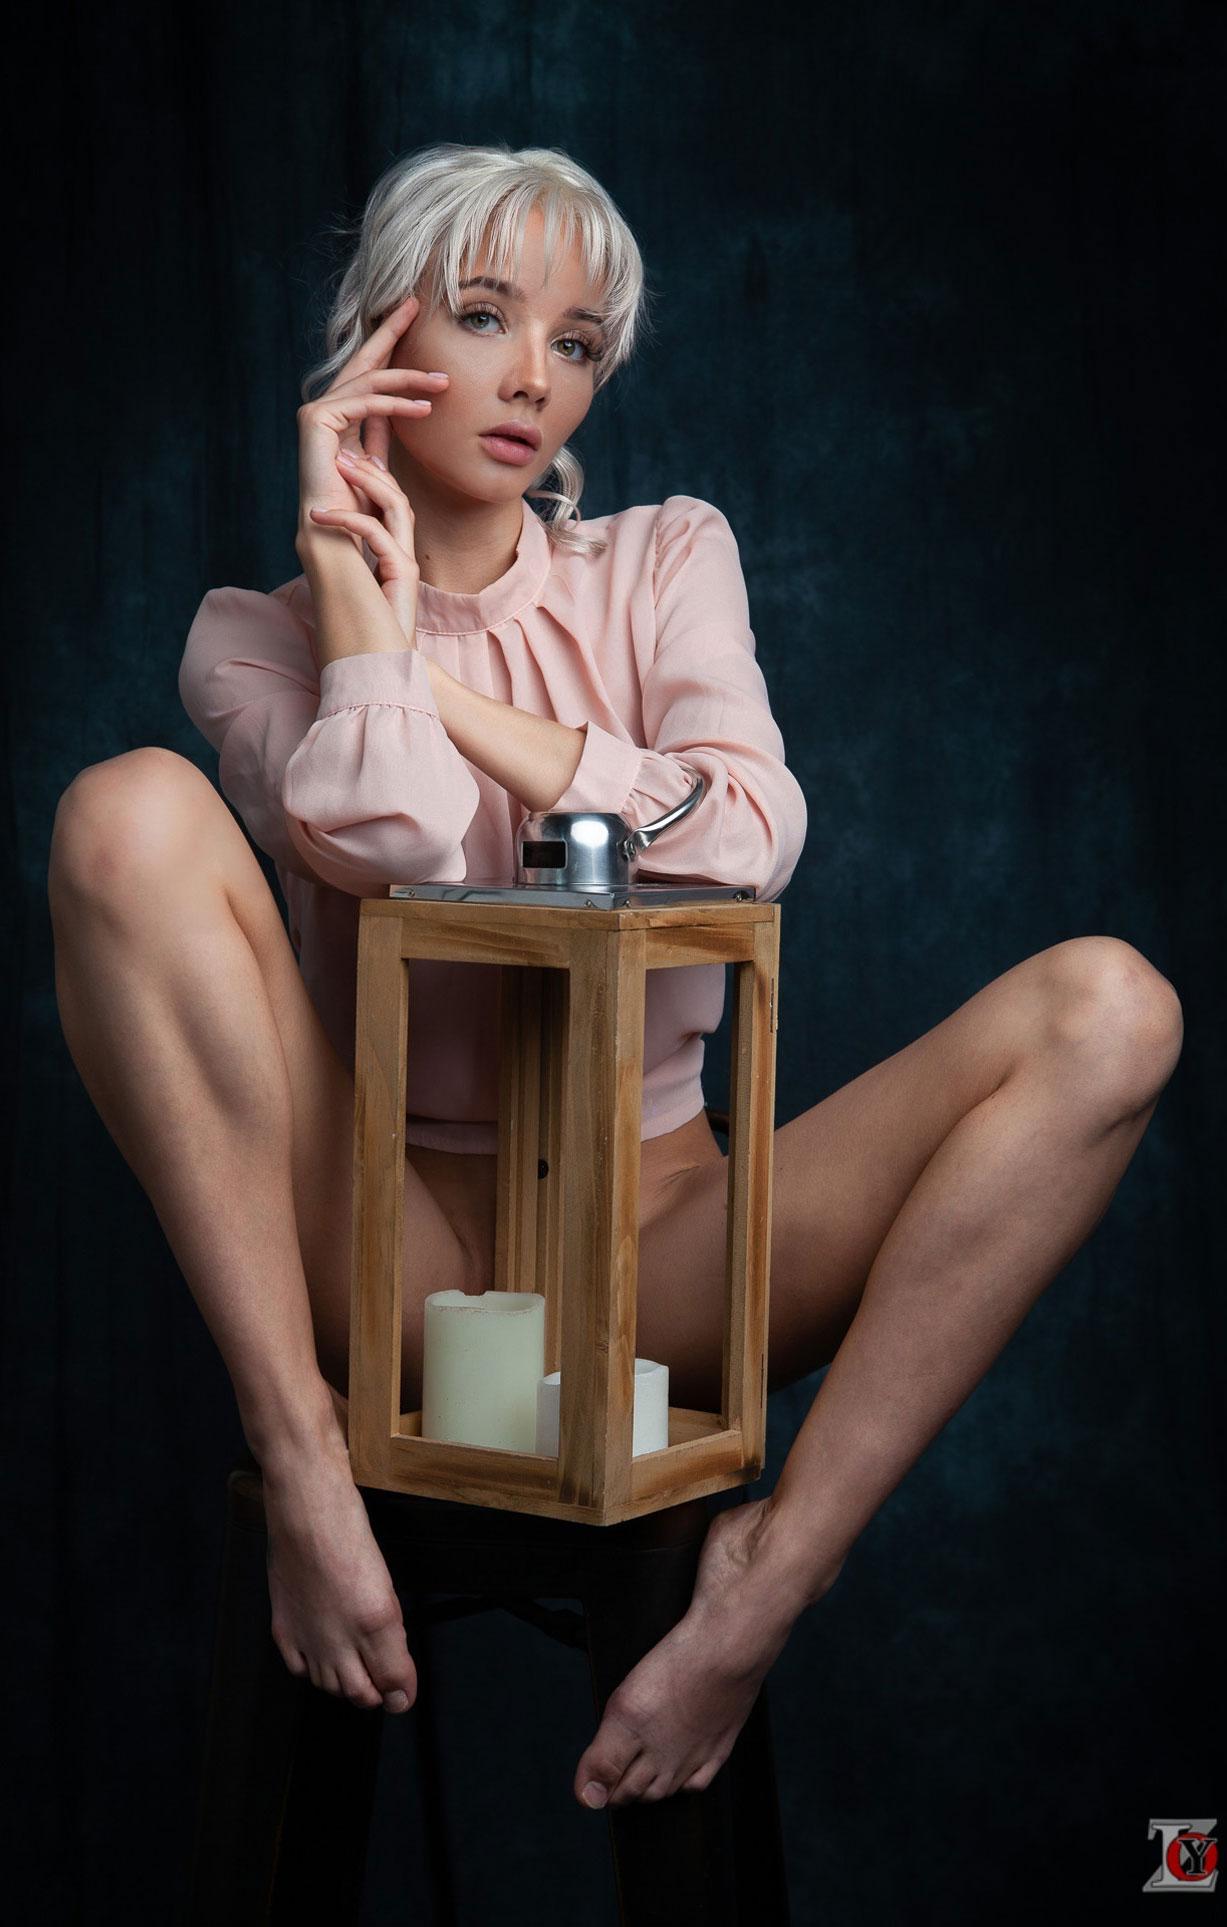 Екатерина Ширяева, портрет / фото 08